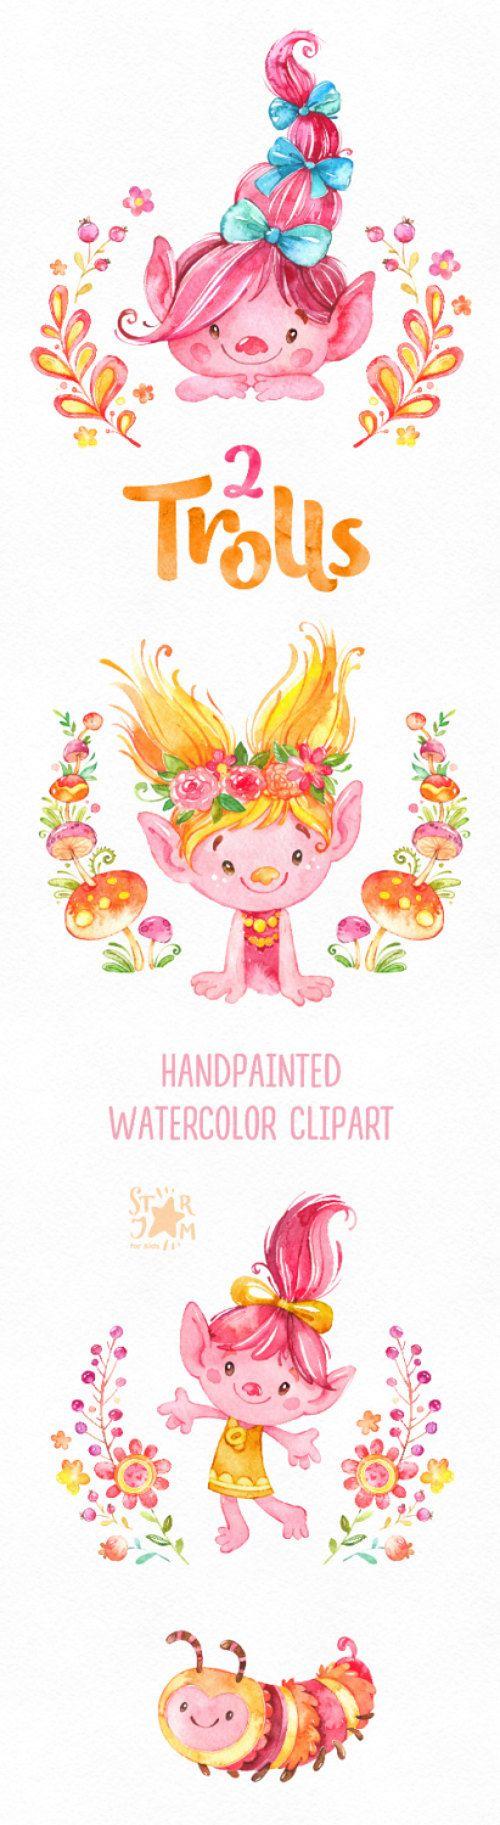 2 les trolls. Clipart aquarelle pavot poupées personnages